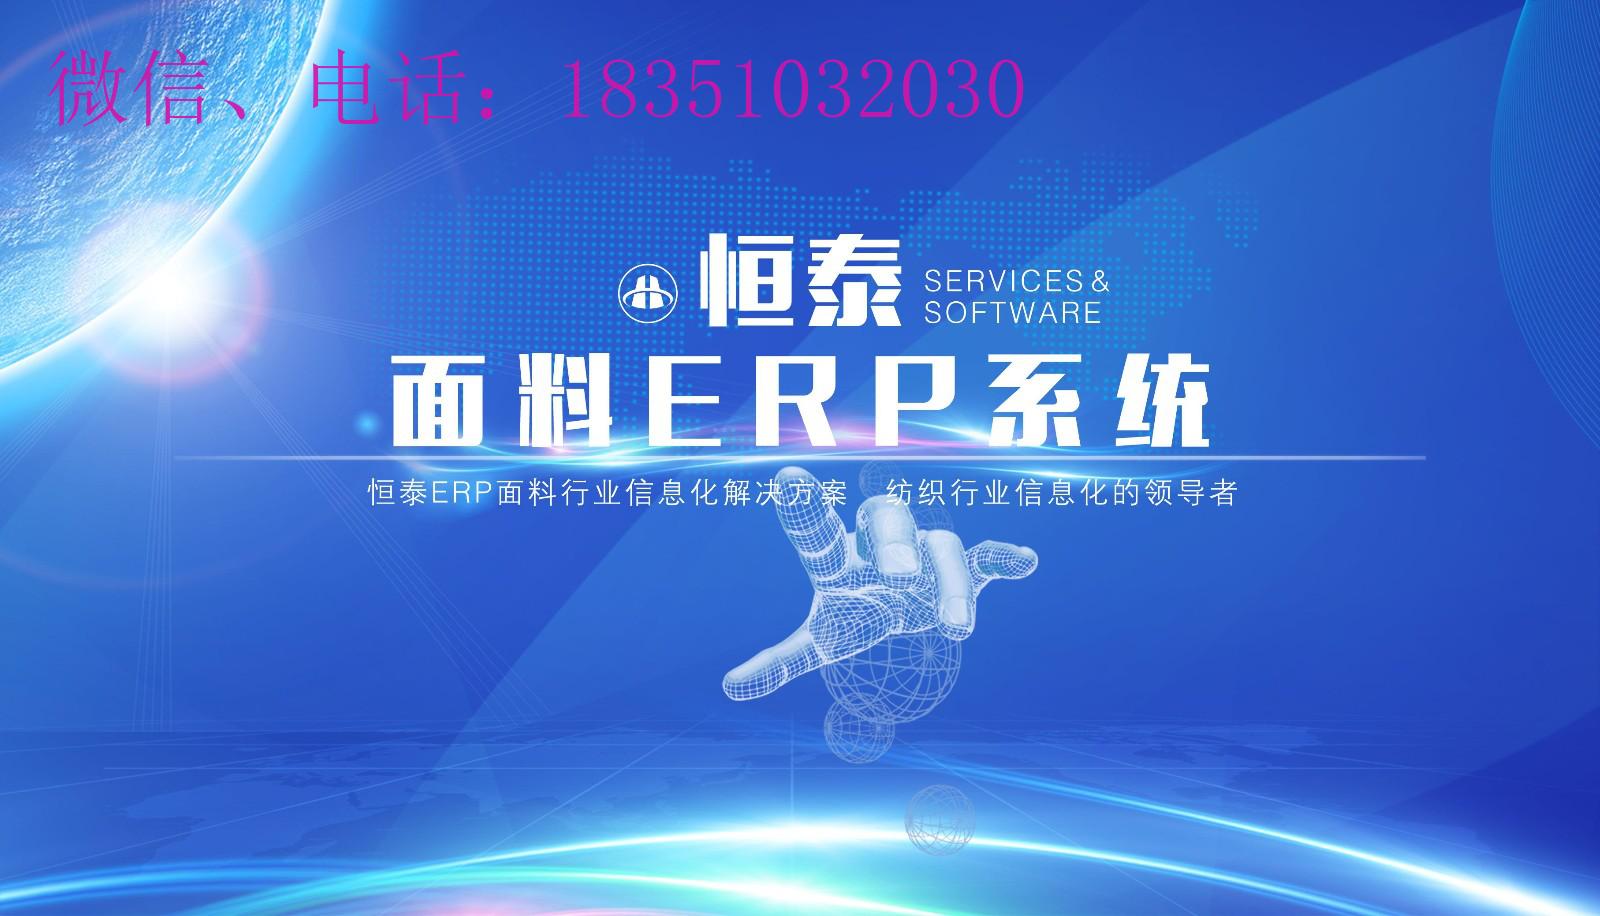 水印2_gaitubao_com_watermark.png